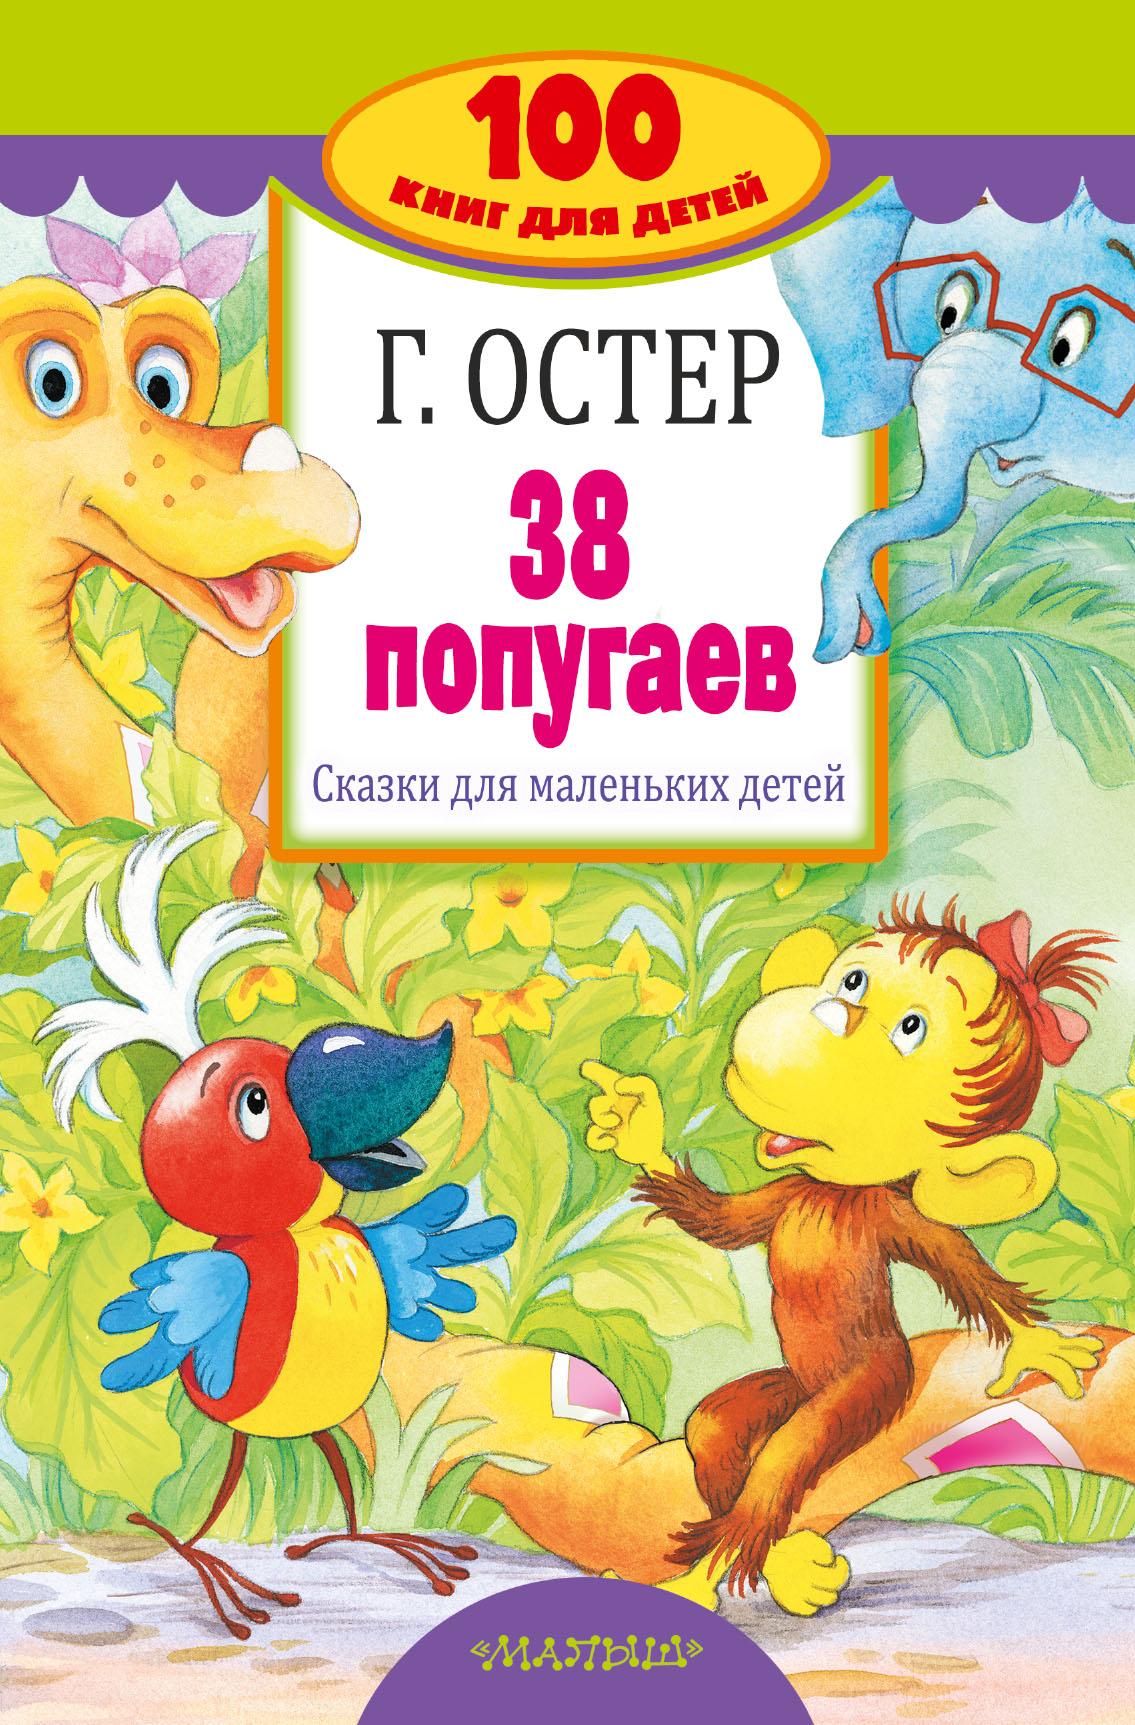 Г. Остер 38 попугаев. Сказки для маленьких детей остер г б истории про детей и взрослых